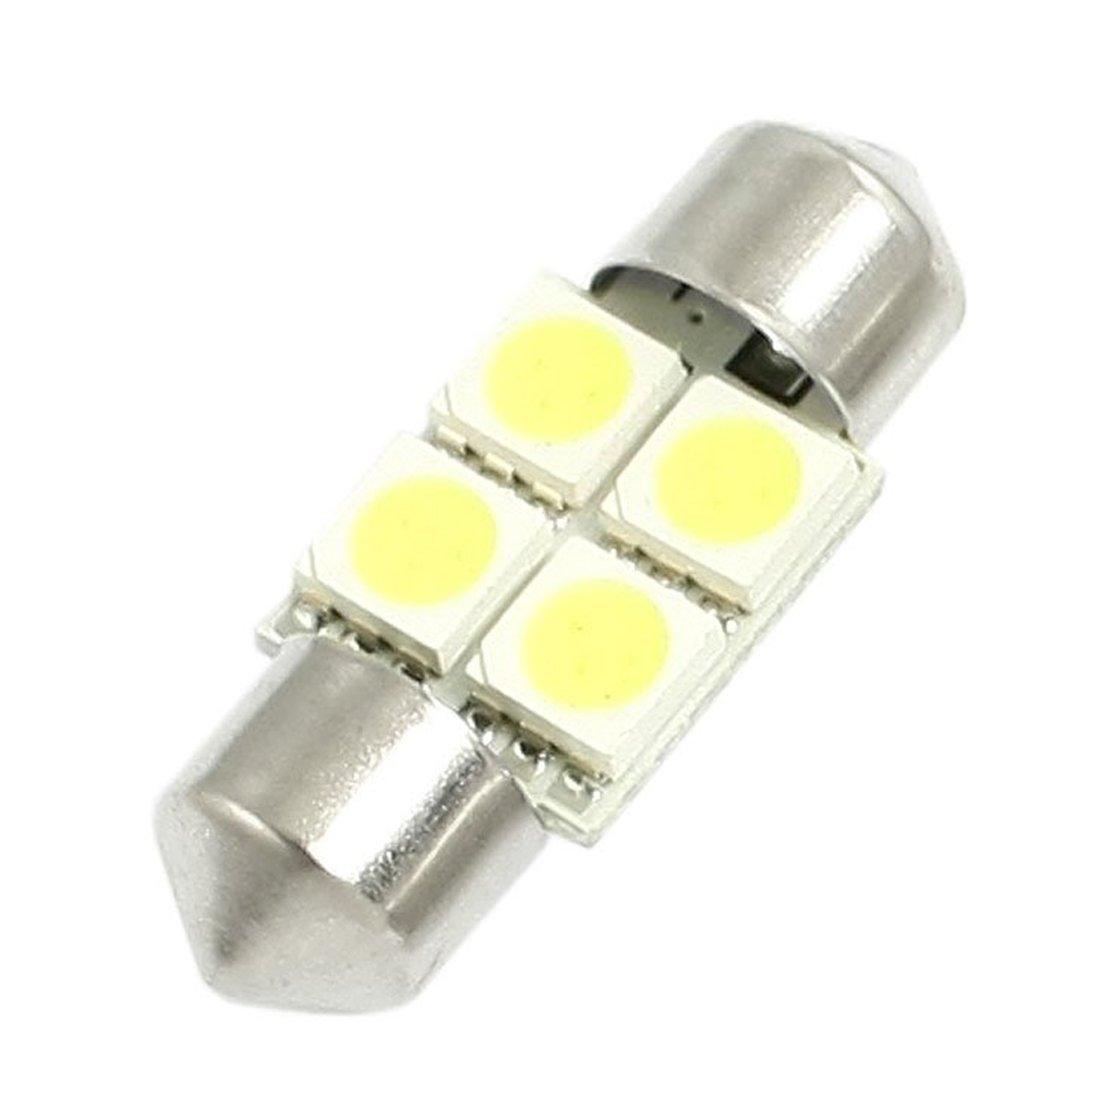 TOOGOO R 2 Piezas de DC 12V 30mm 4 5050 SMD Luz Interior LED de adorno de la boveda del Coche